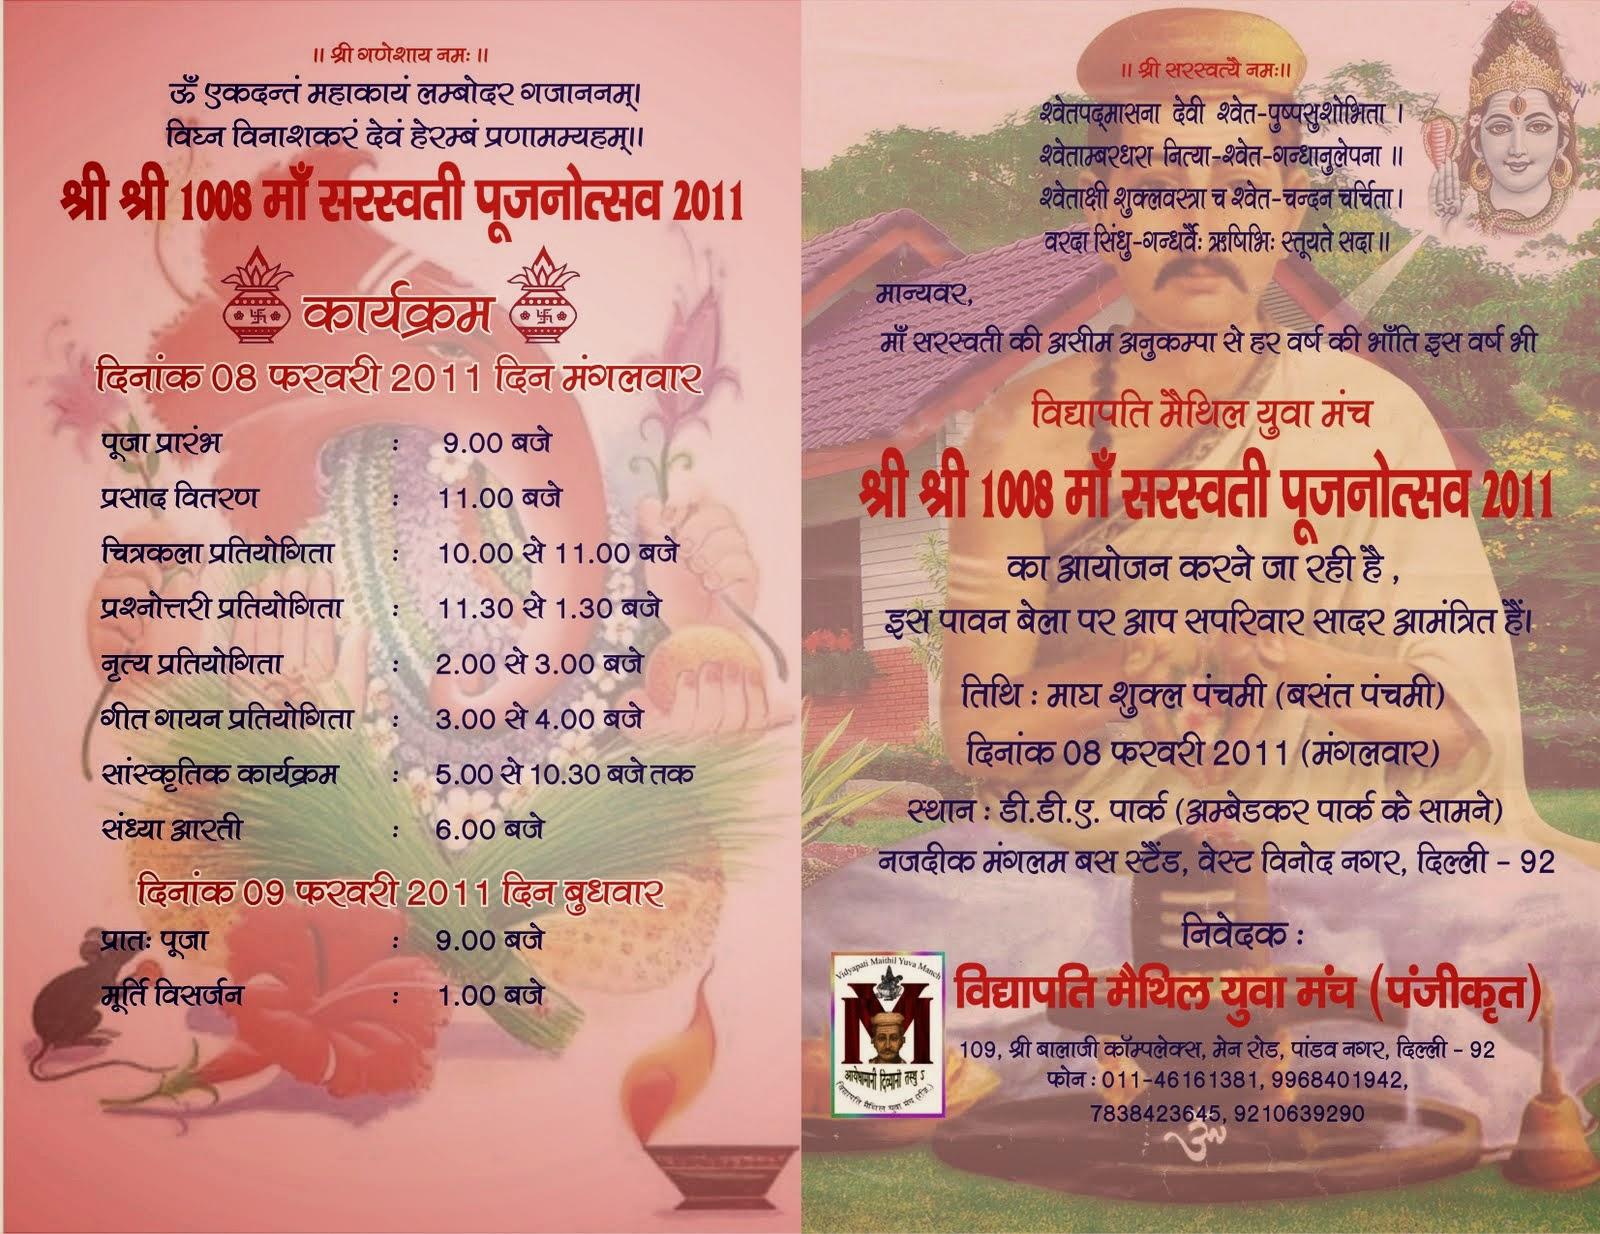 Saraswati puja invitation letter best custom invitation template invitation letter format for saraswati puja choice image stopboris Choice Image